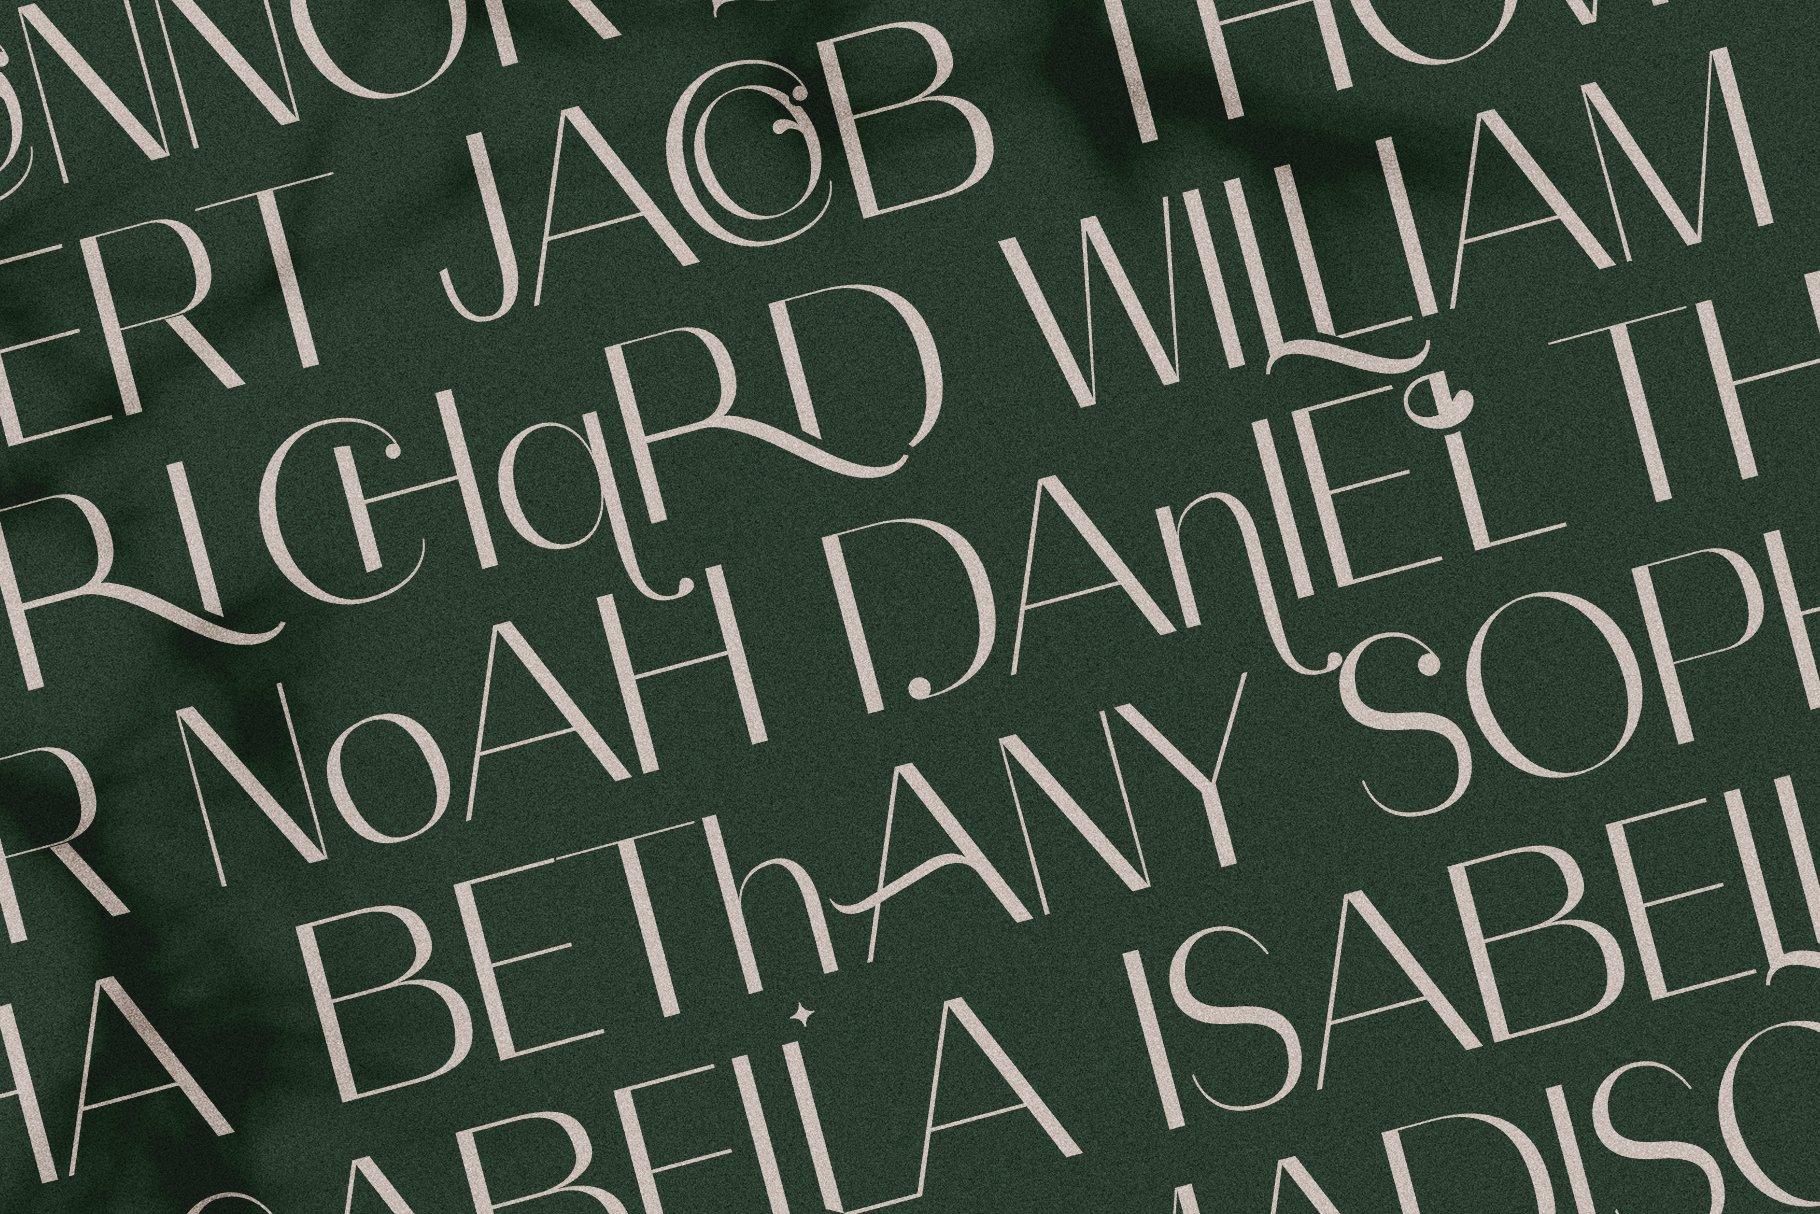 Celine - Chic Ligature Sans Font & Extras example image 12